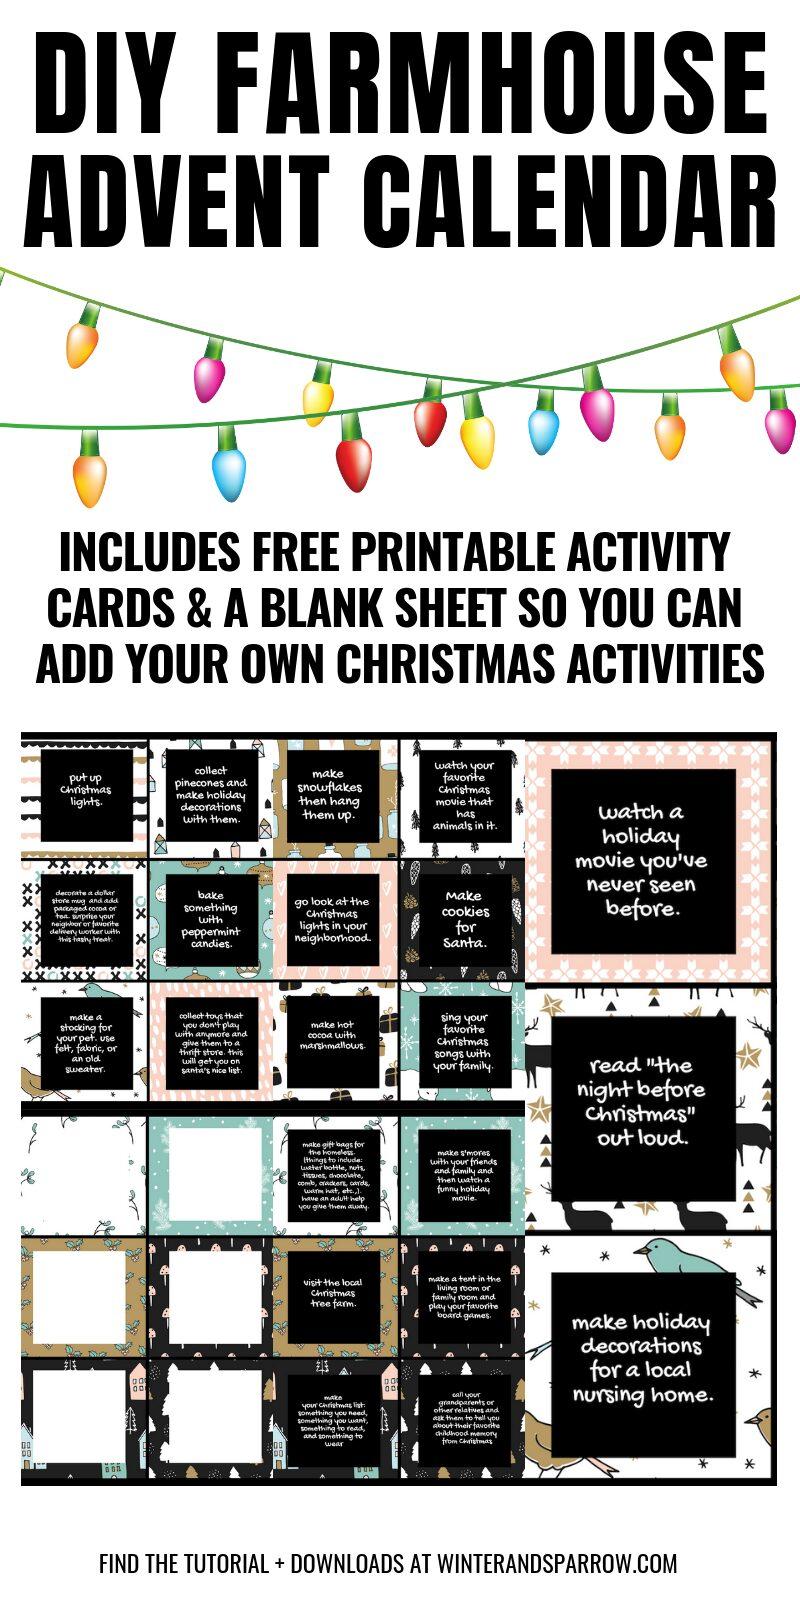 DIY: Farmhouse Advent Calendar + Free Advent Calendar Printables | winterandsparrow.com #adventcalendar #freeadventcalendar #freechristmasprintables